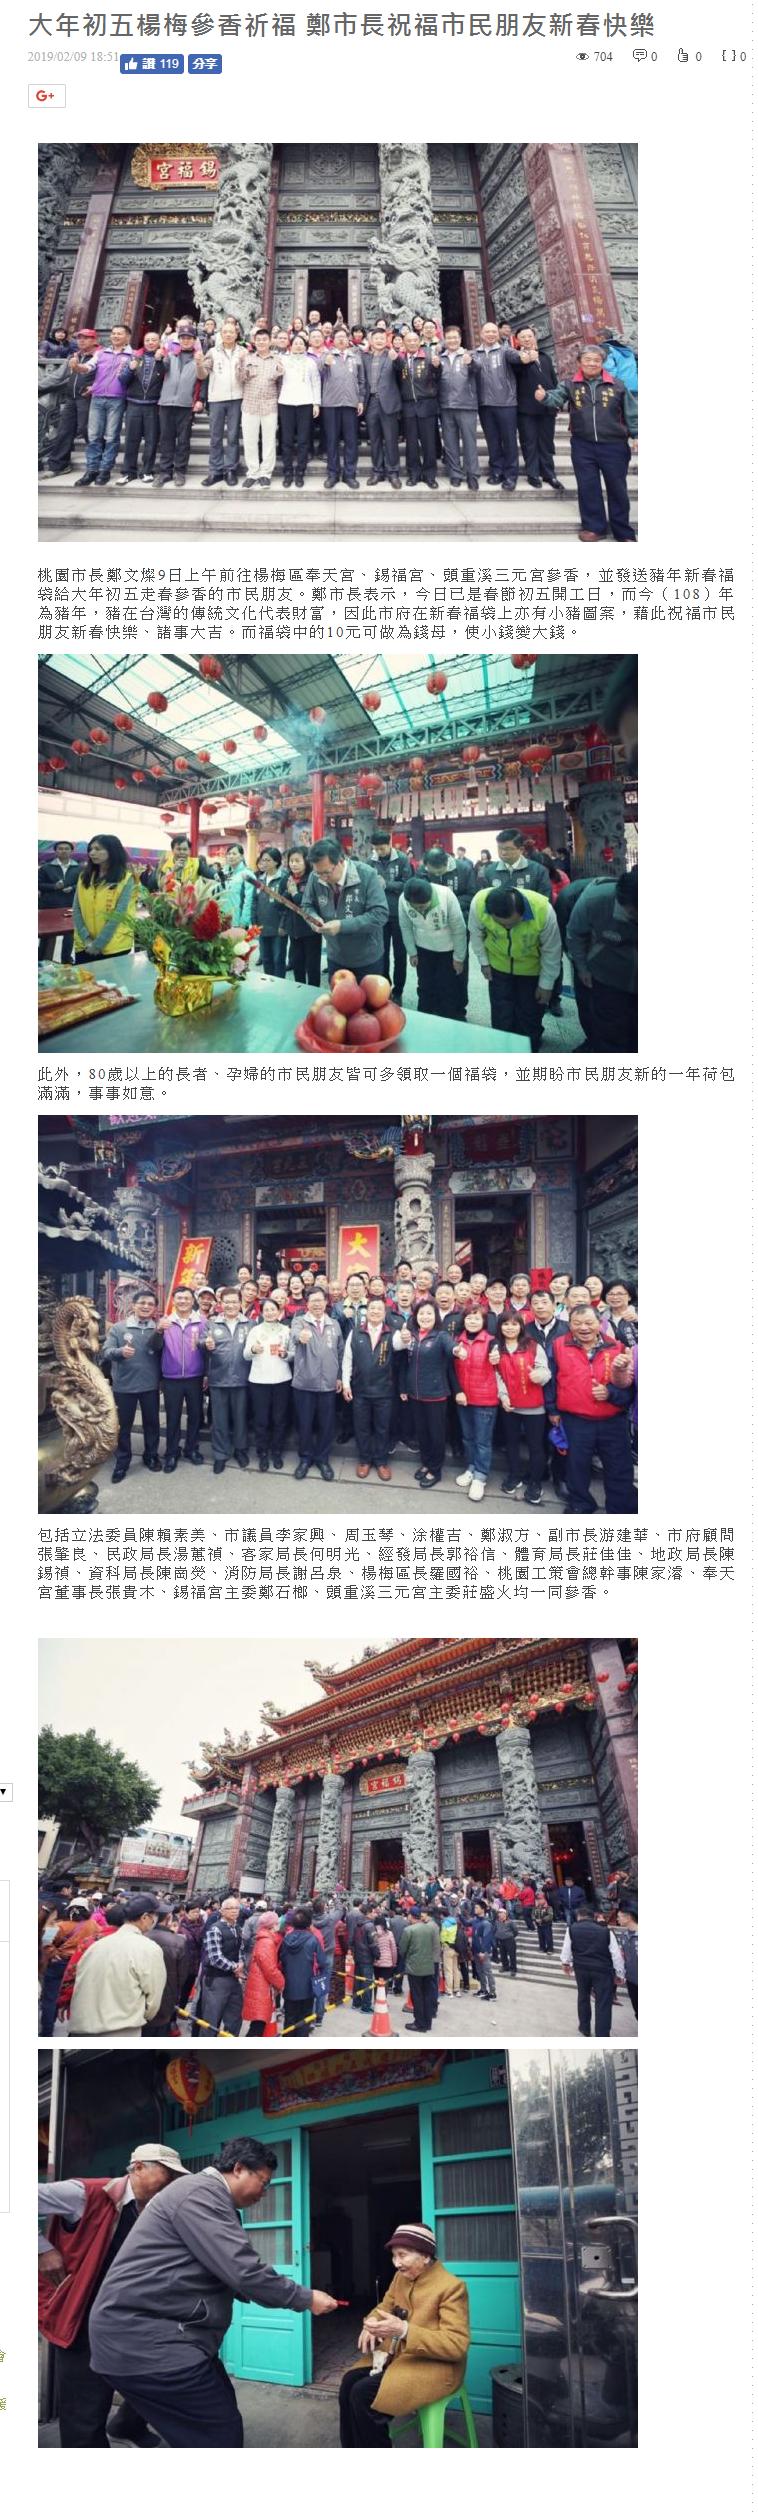 大年初五楊梅參香祈福 鄭市長祝福市民朋友新春快樂